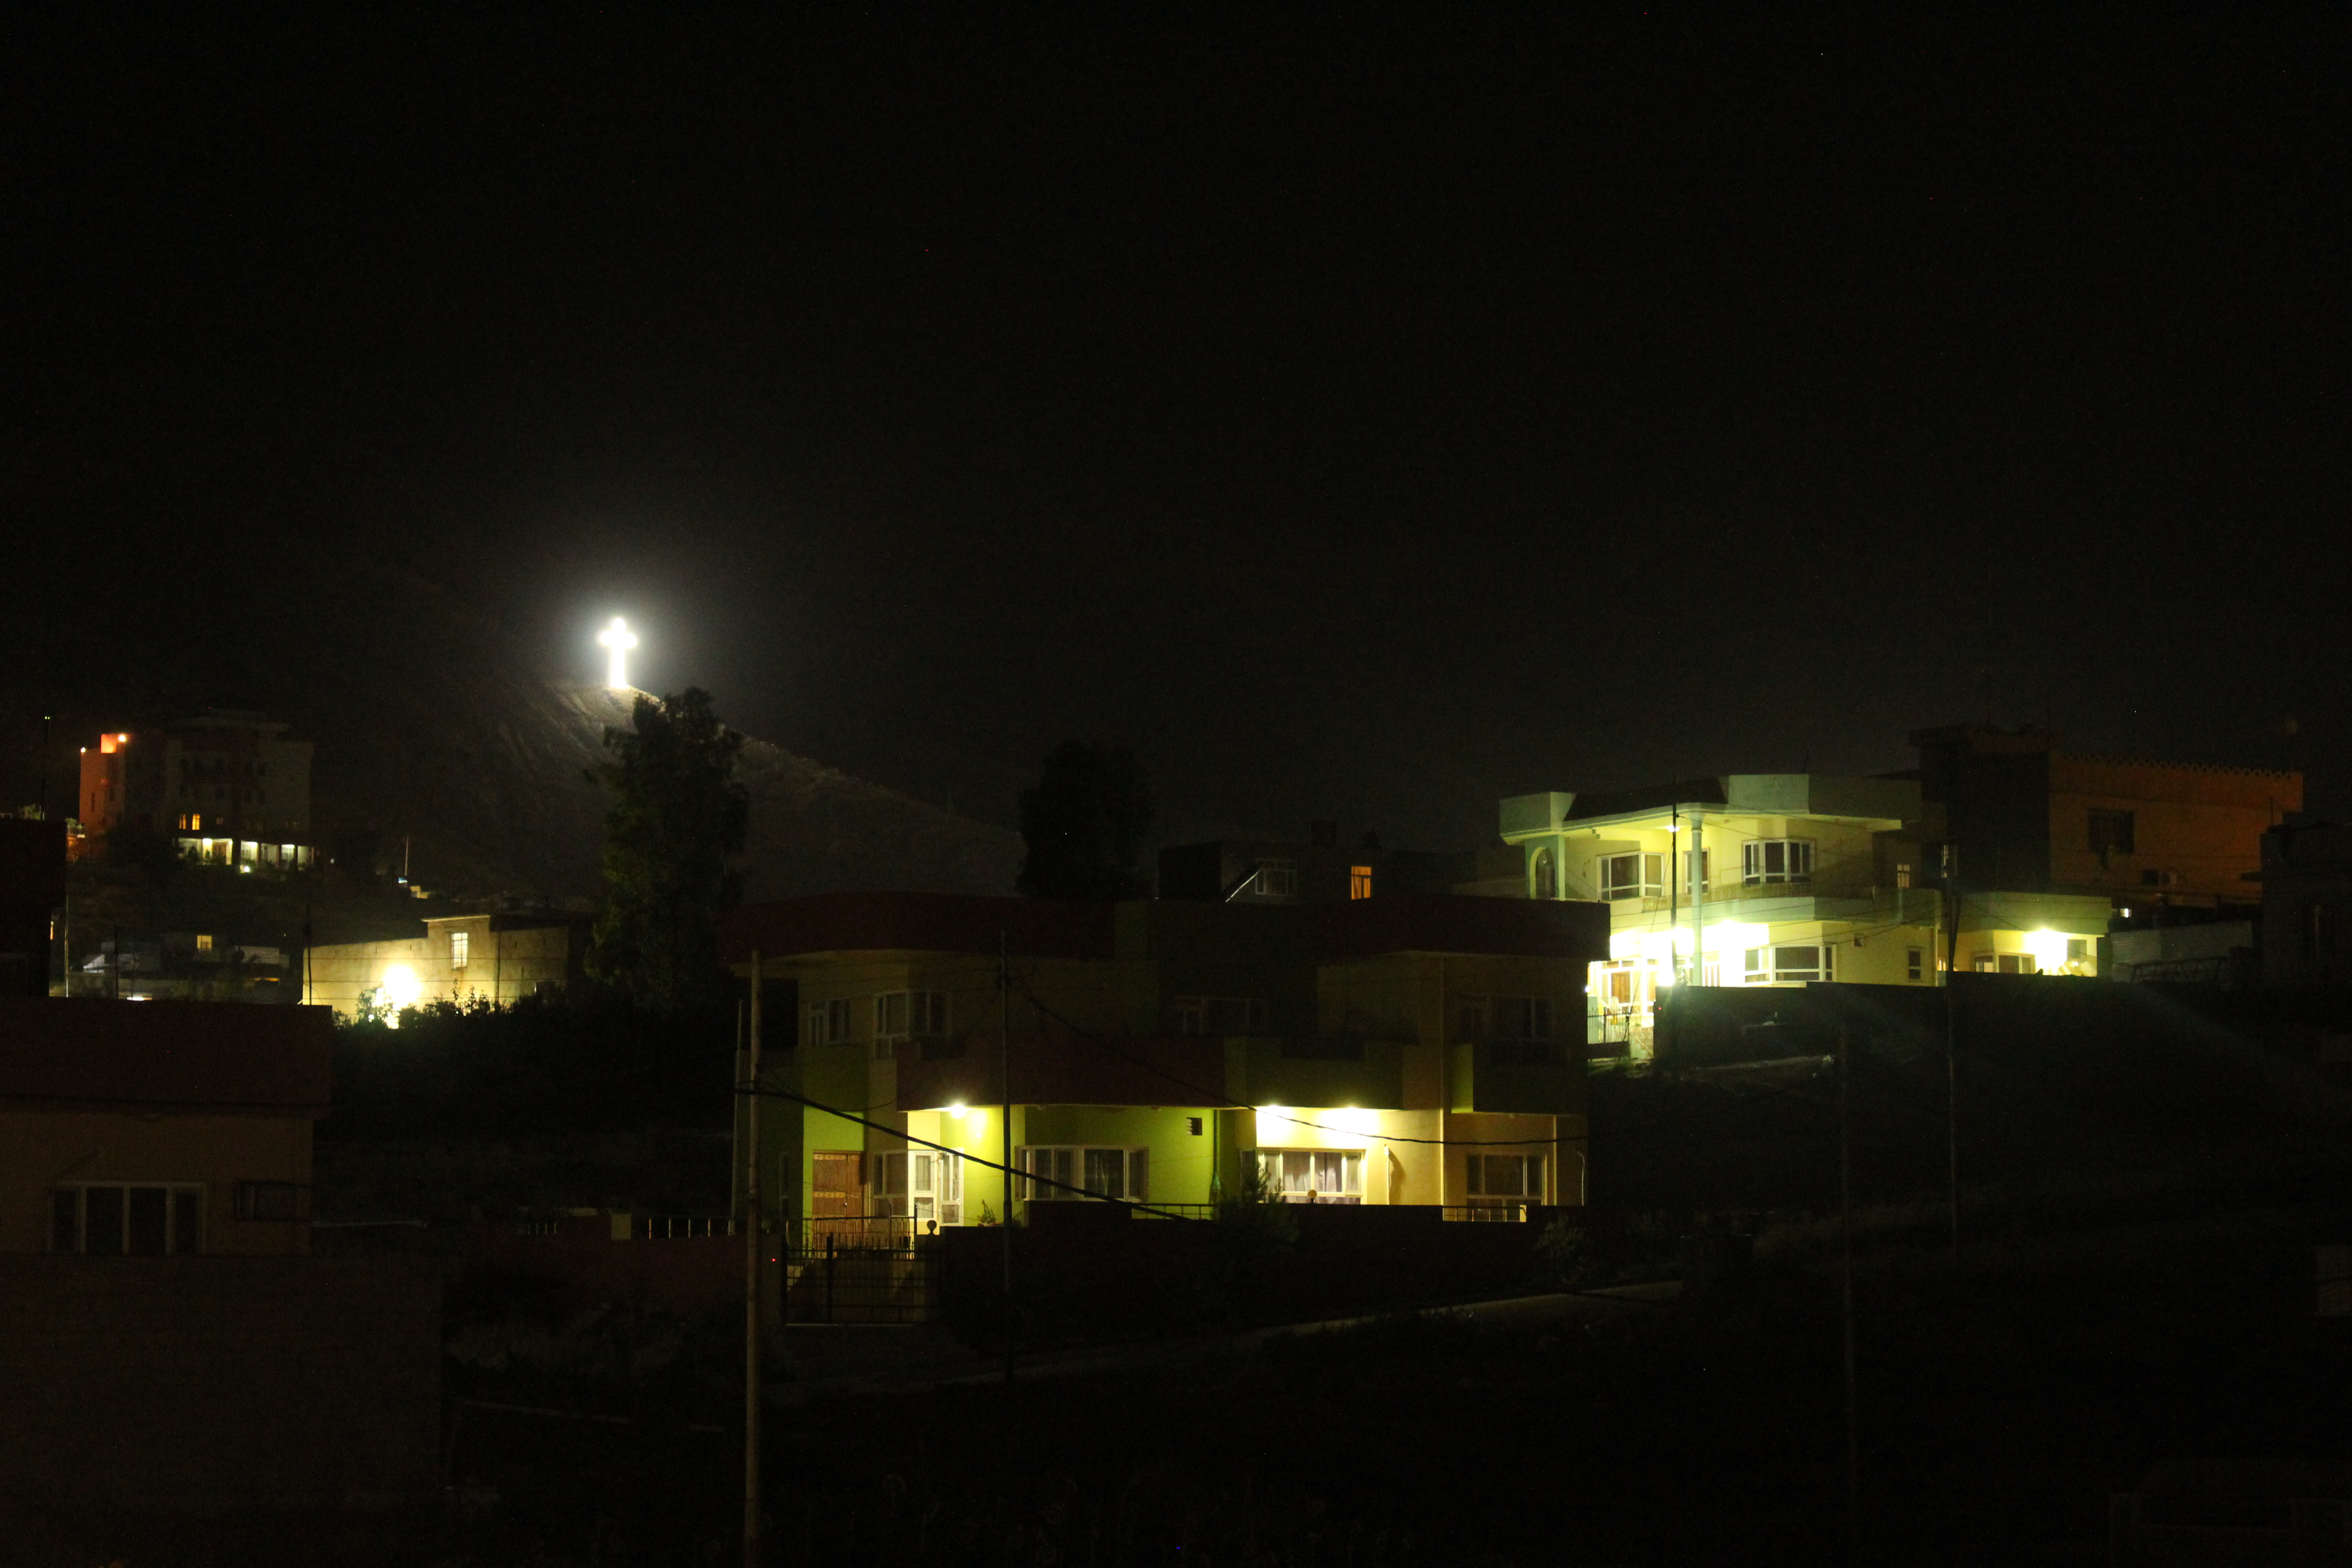 Les villageois illuminent de grandes croix toutes les nuits, sur les reliefs qui surplombent leurs maisons © Sylvain Dorient